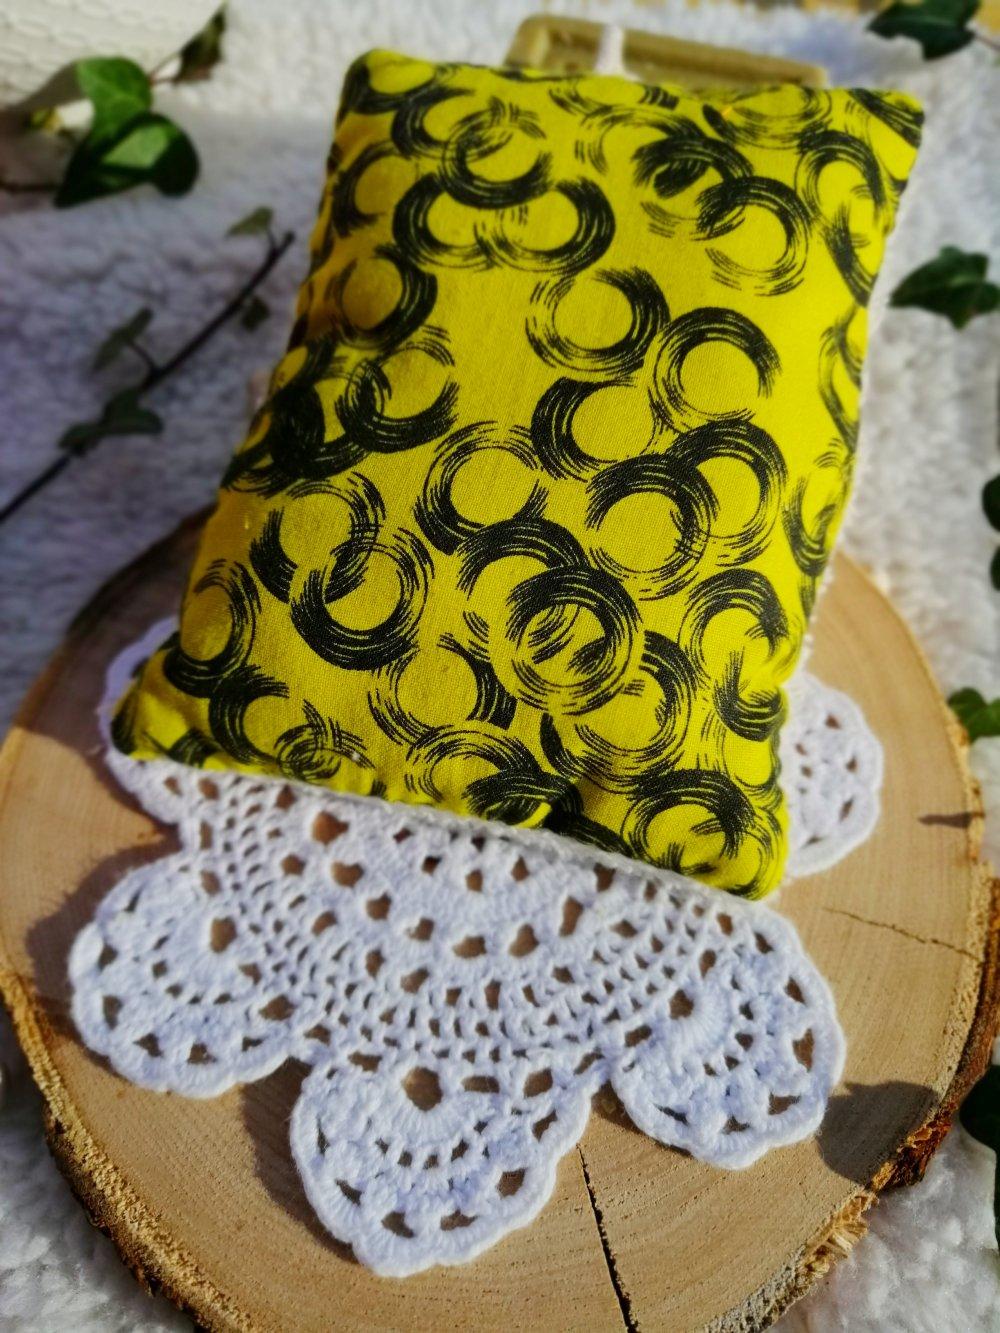 Eponge lavable en coton jaune et noir et micro éponge de bambou bio